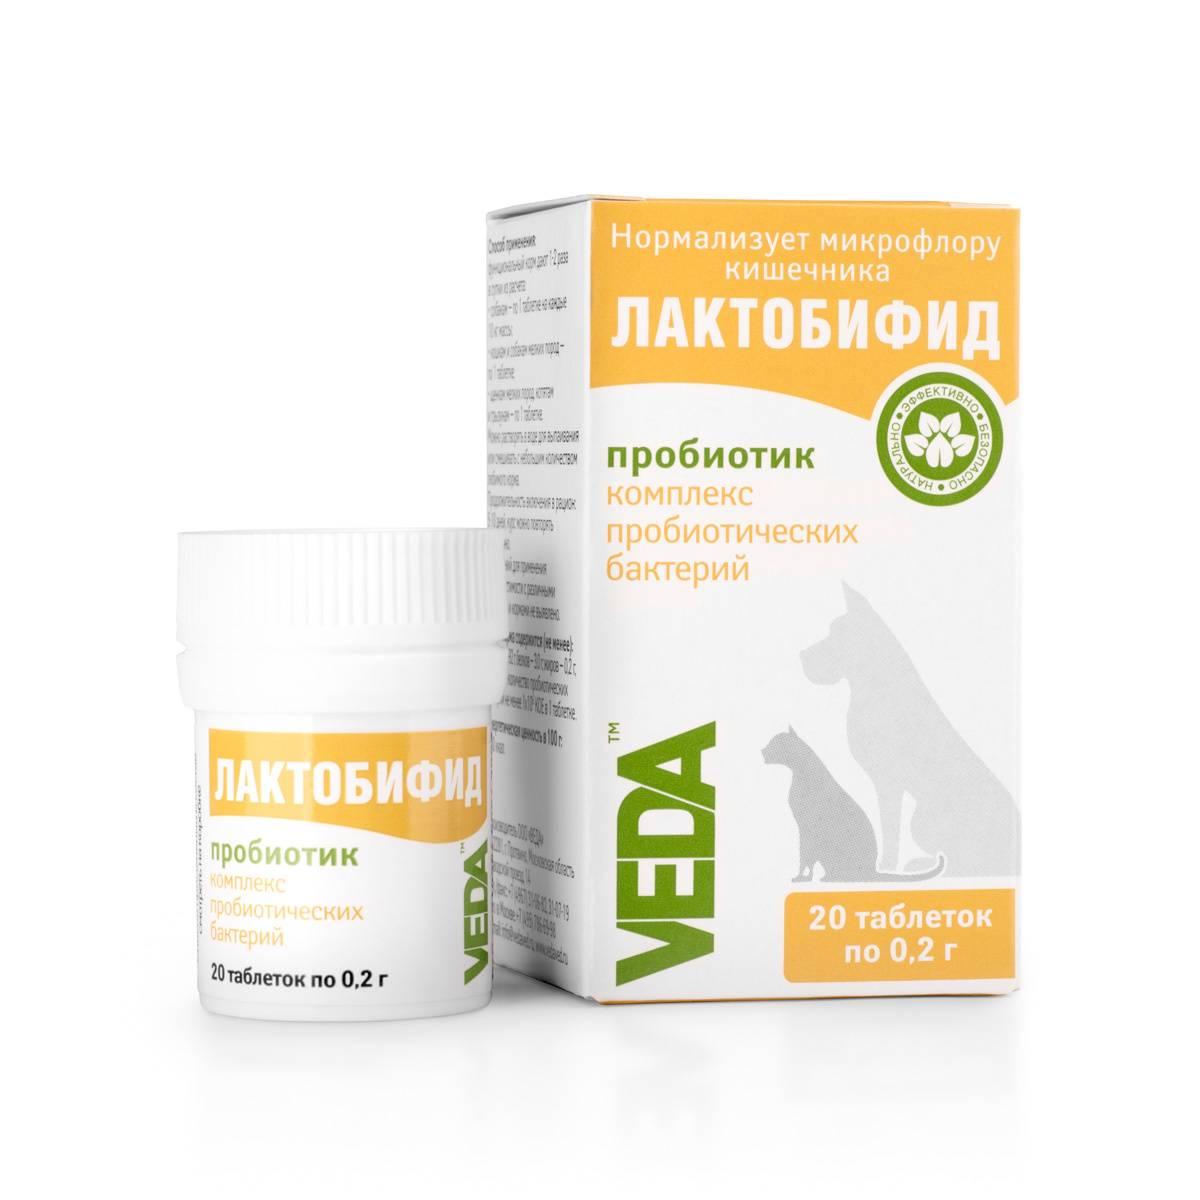 Для чего нужен пробиотик для собак лактобифид? полезно знать!